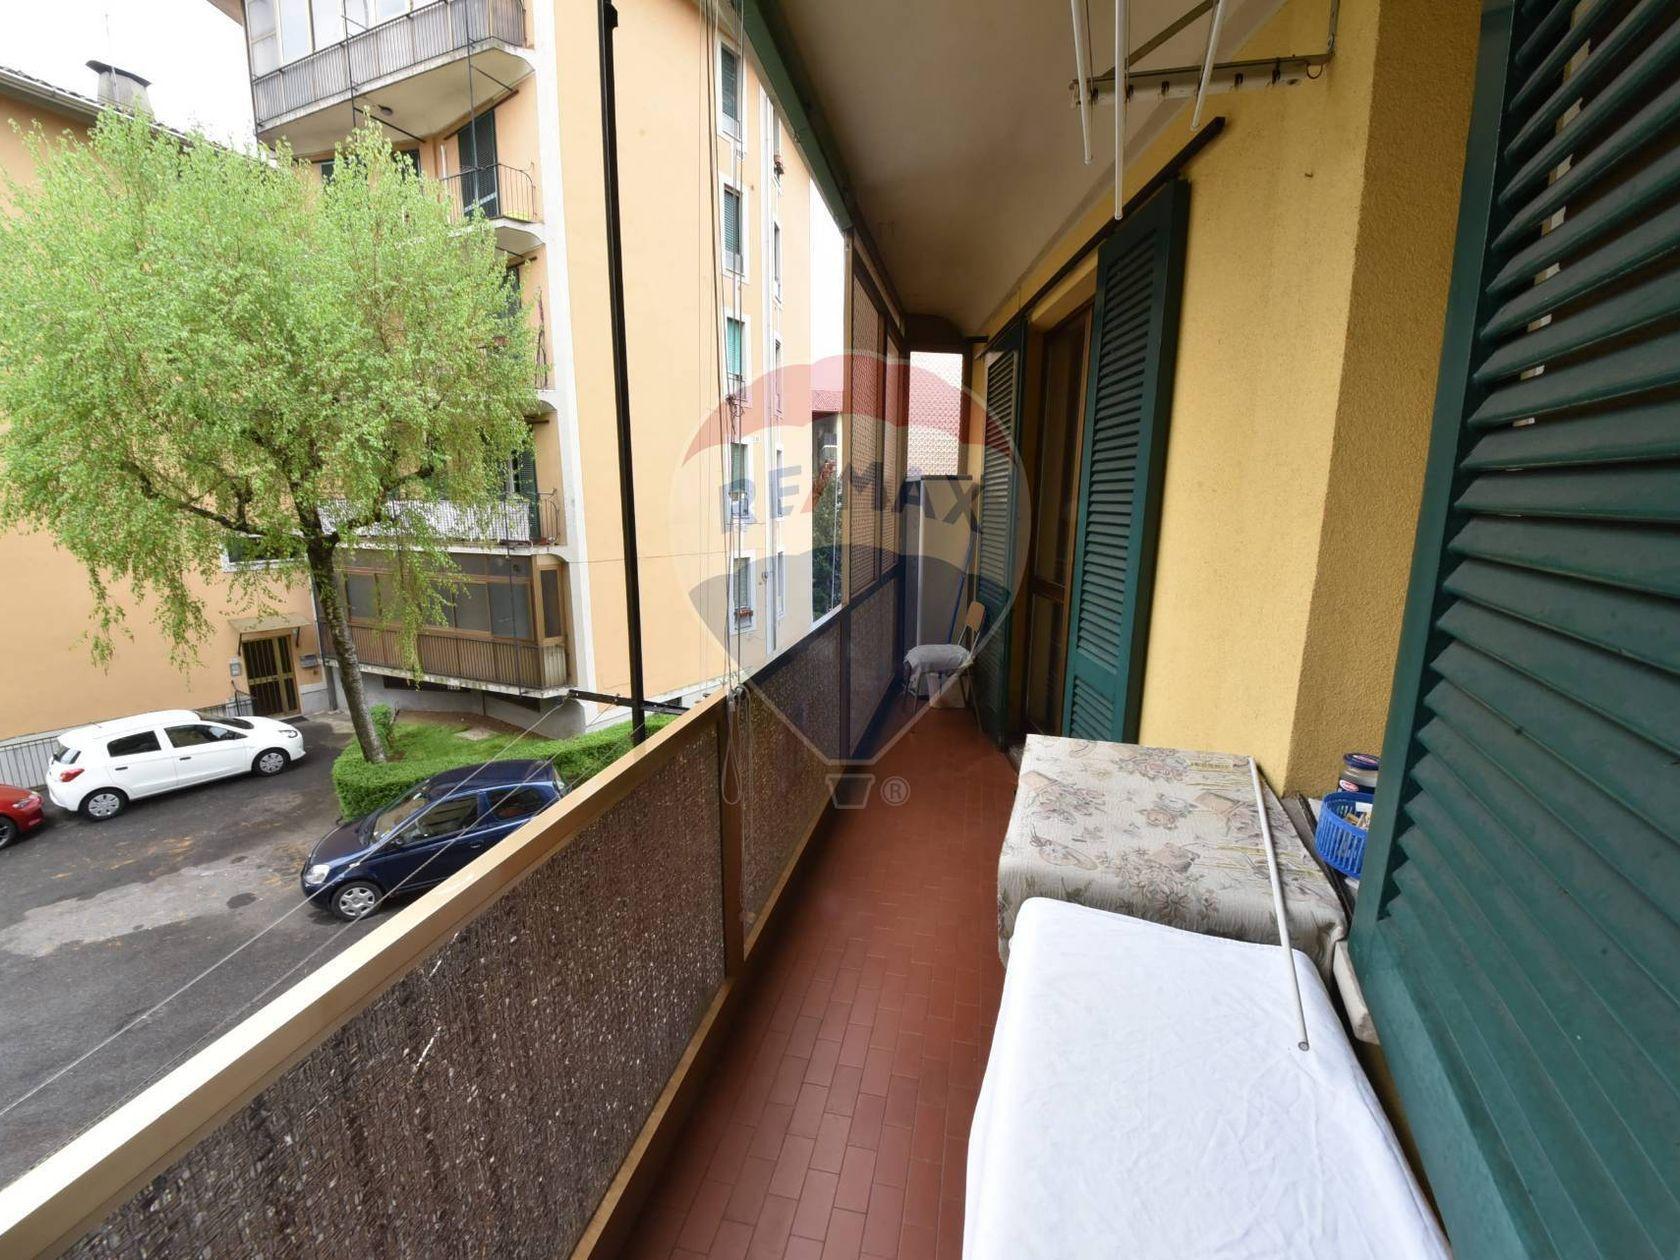 Appartamento S. Anna, Busto Arsizio, VA Vendita - Foto 14